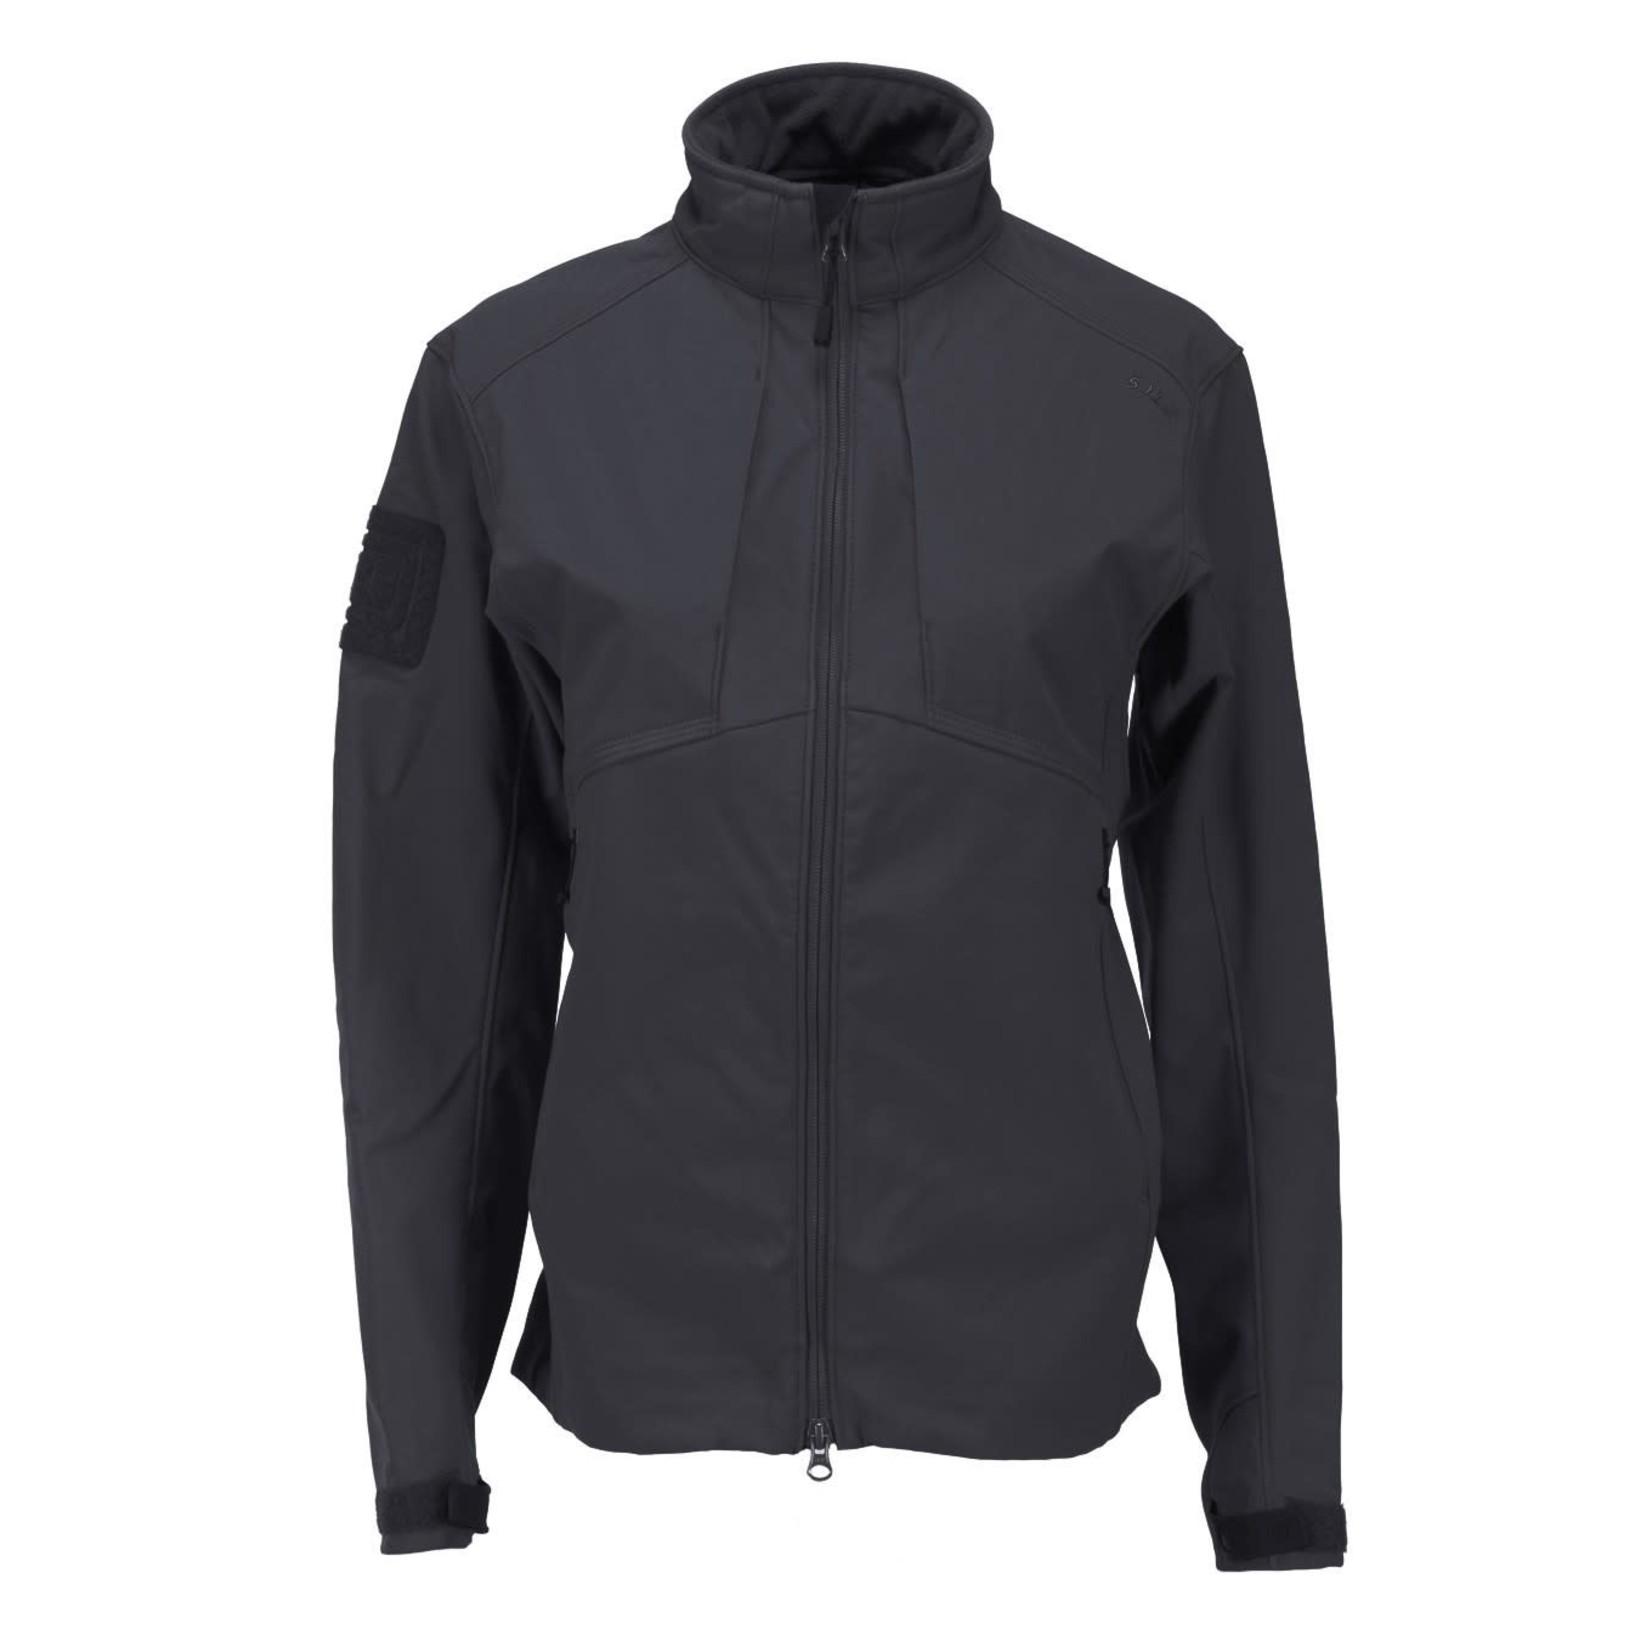 5.11 Tactical 5.11 Women's Sierra Softshell Jacket